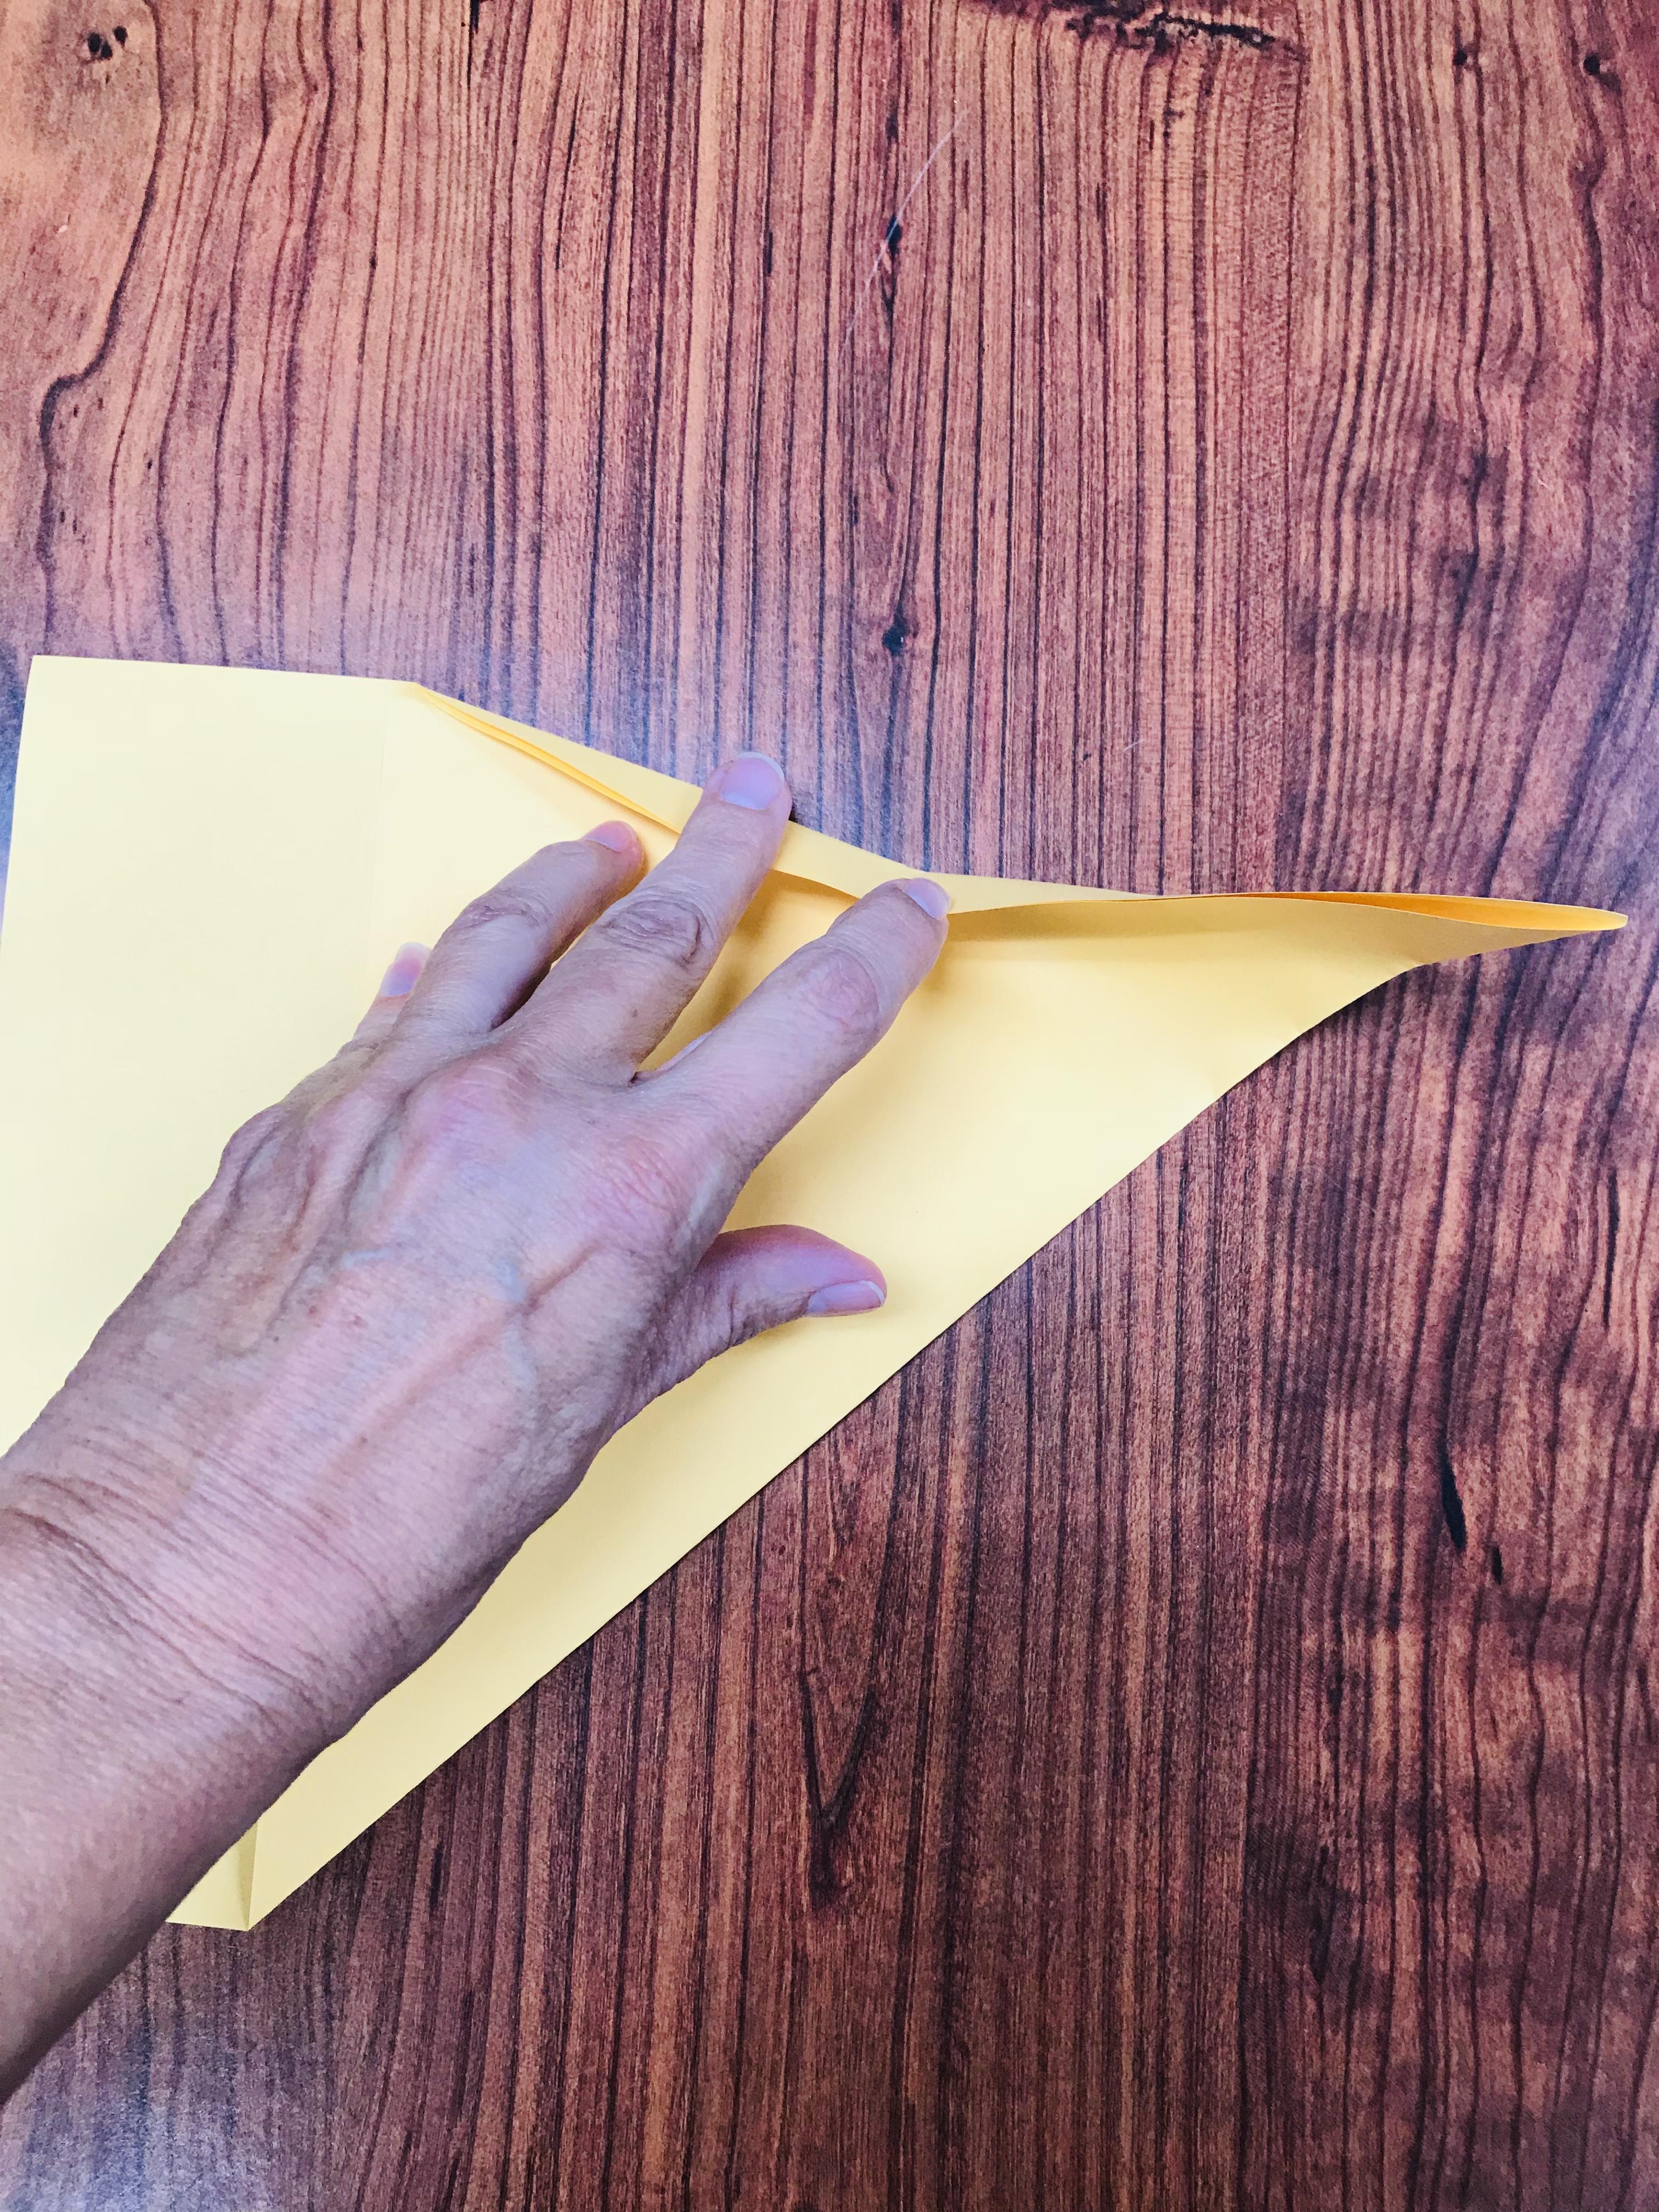 Folding yellow paper